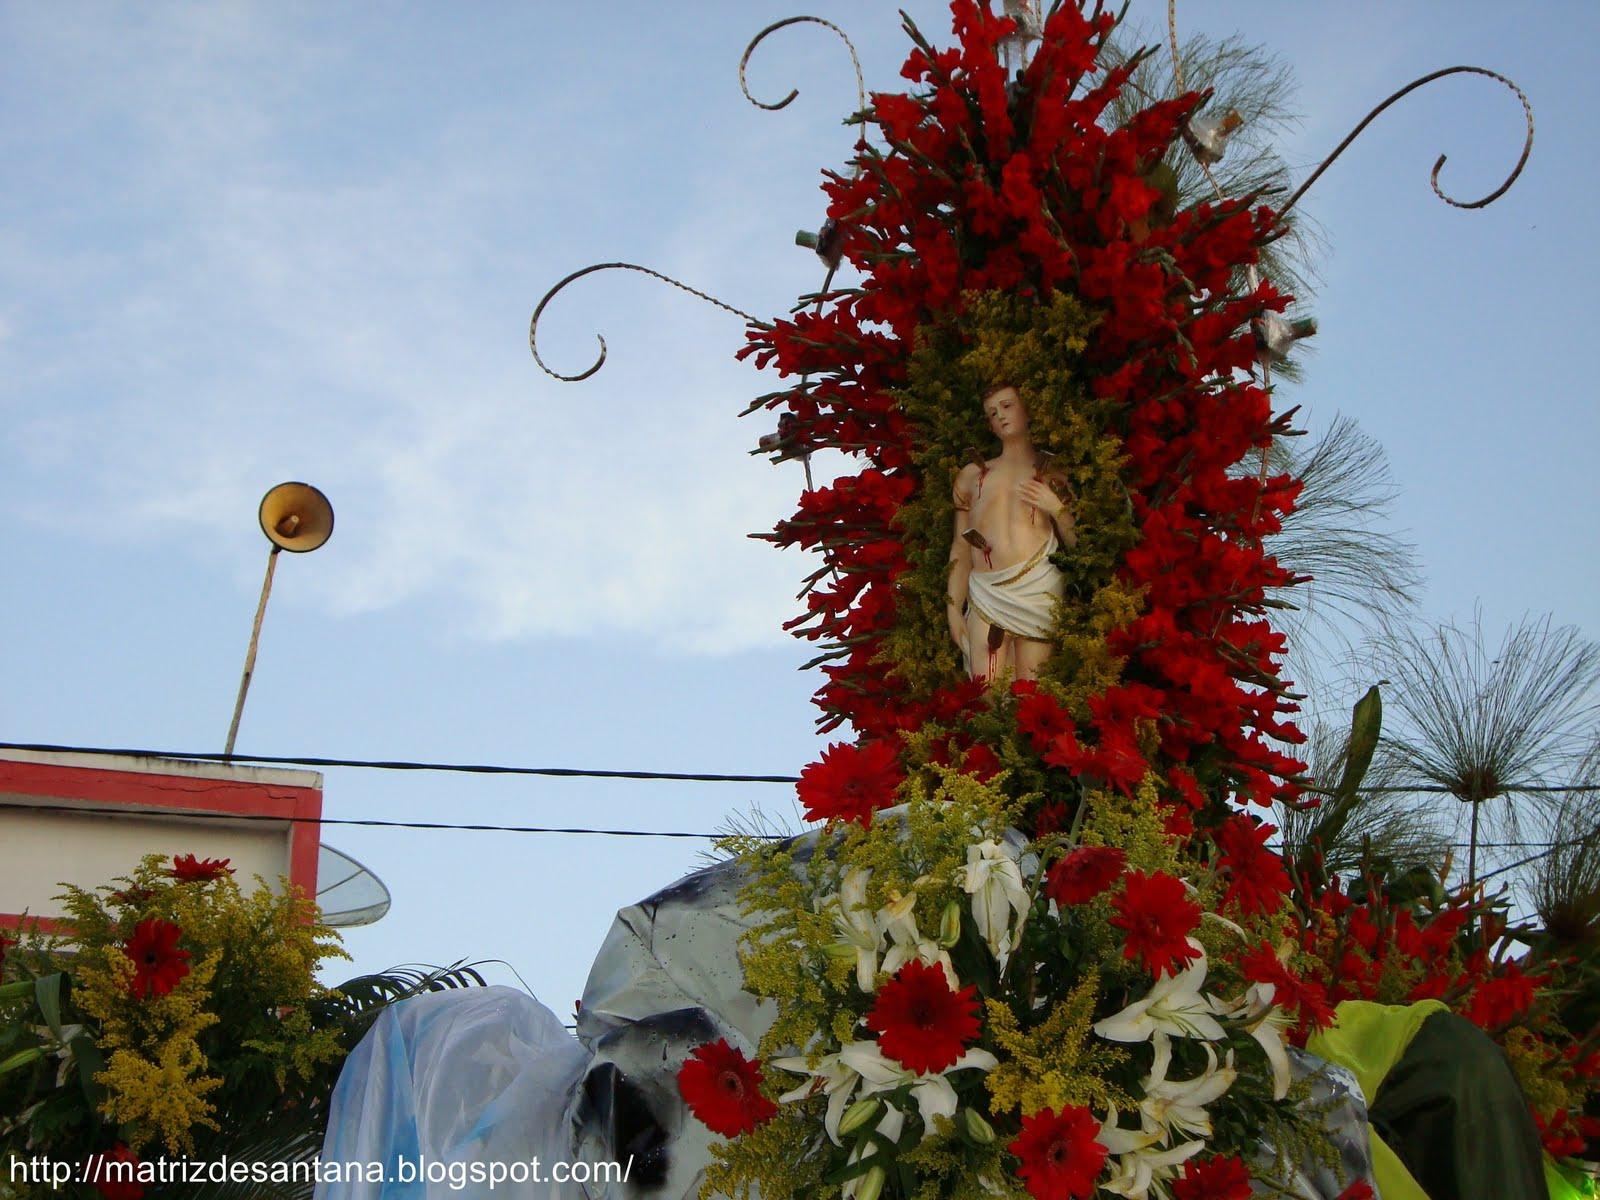 Maria mariana em a vida como ela e baixar em httpxvideosbaixarcom - 2 4